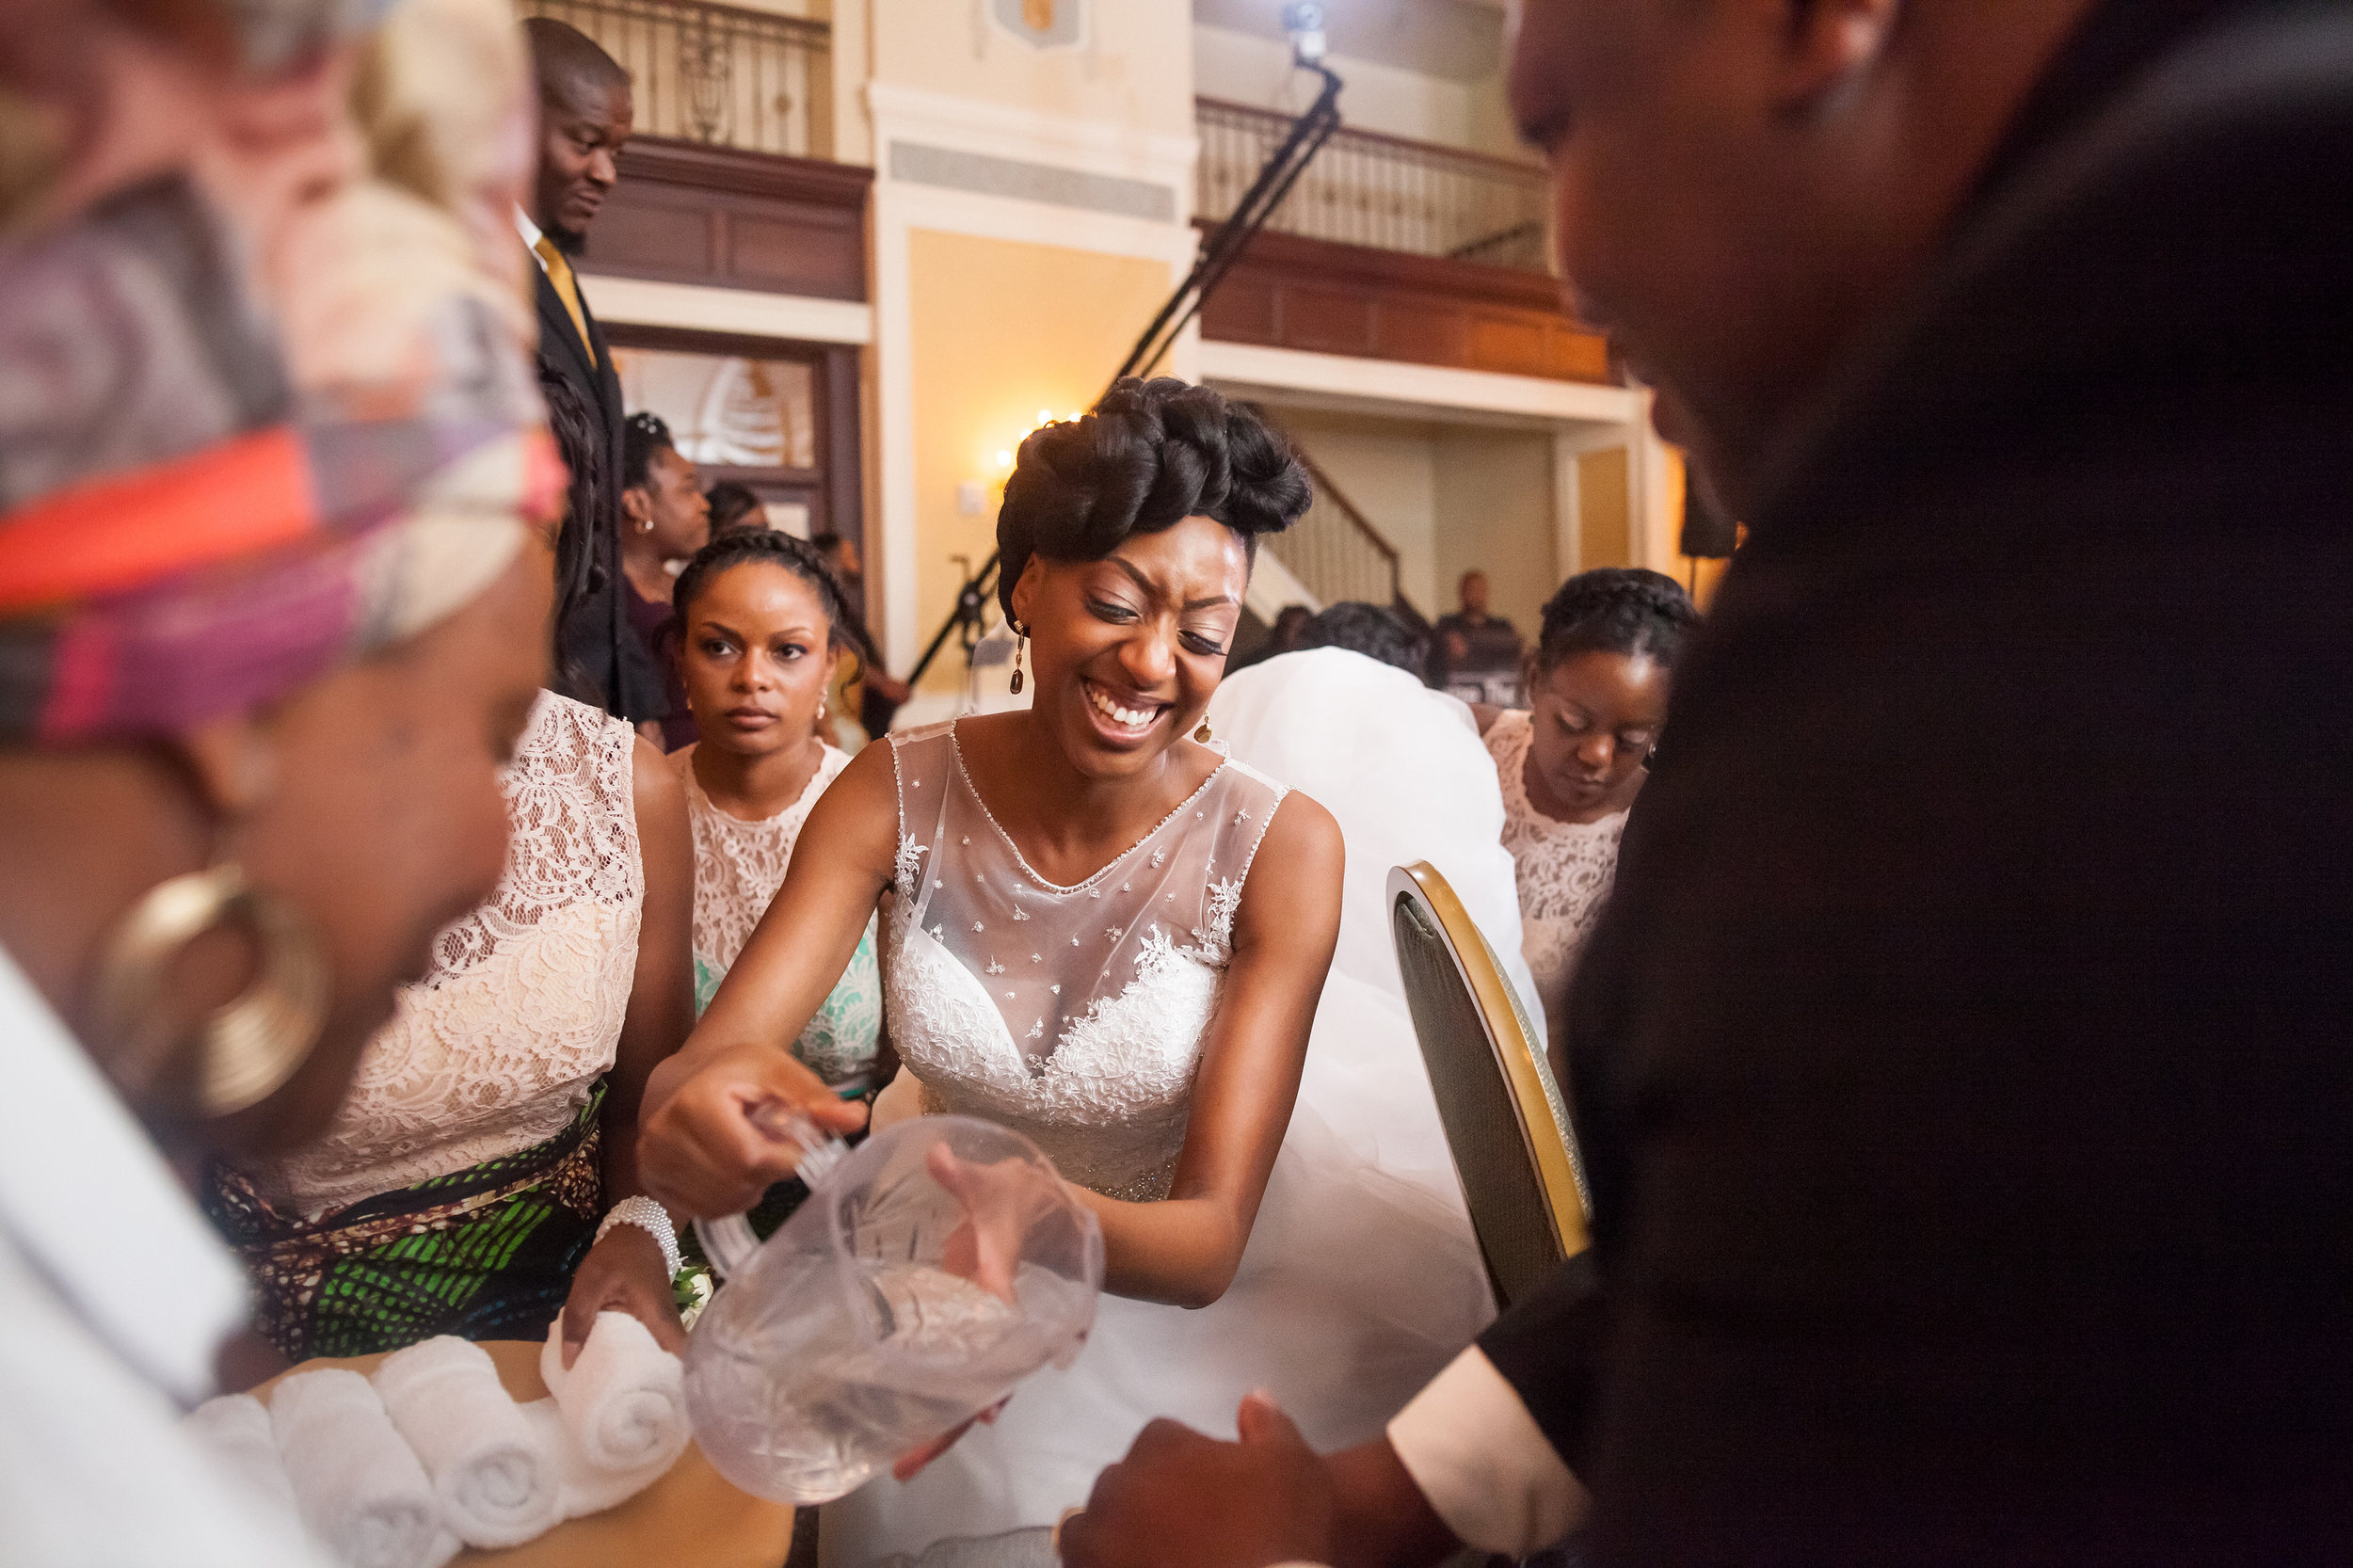 chenai_wedding_wire-69-2017_wedding_wire.jpg